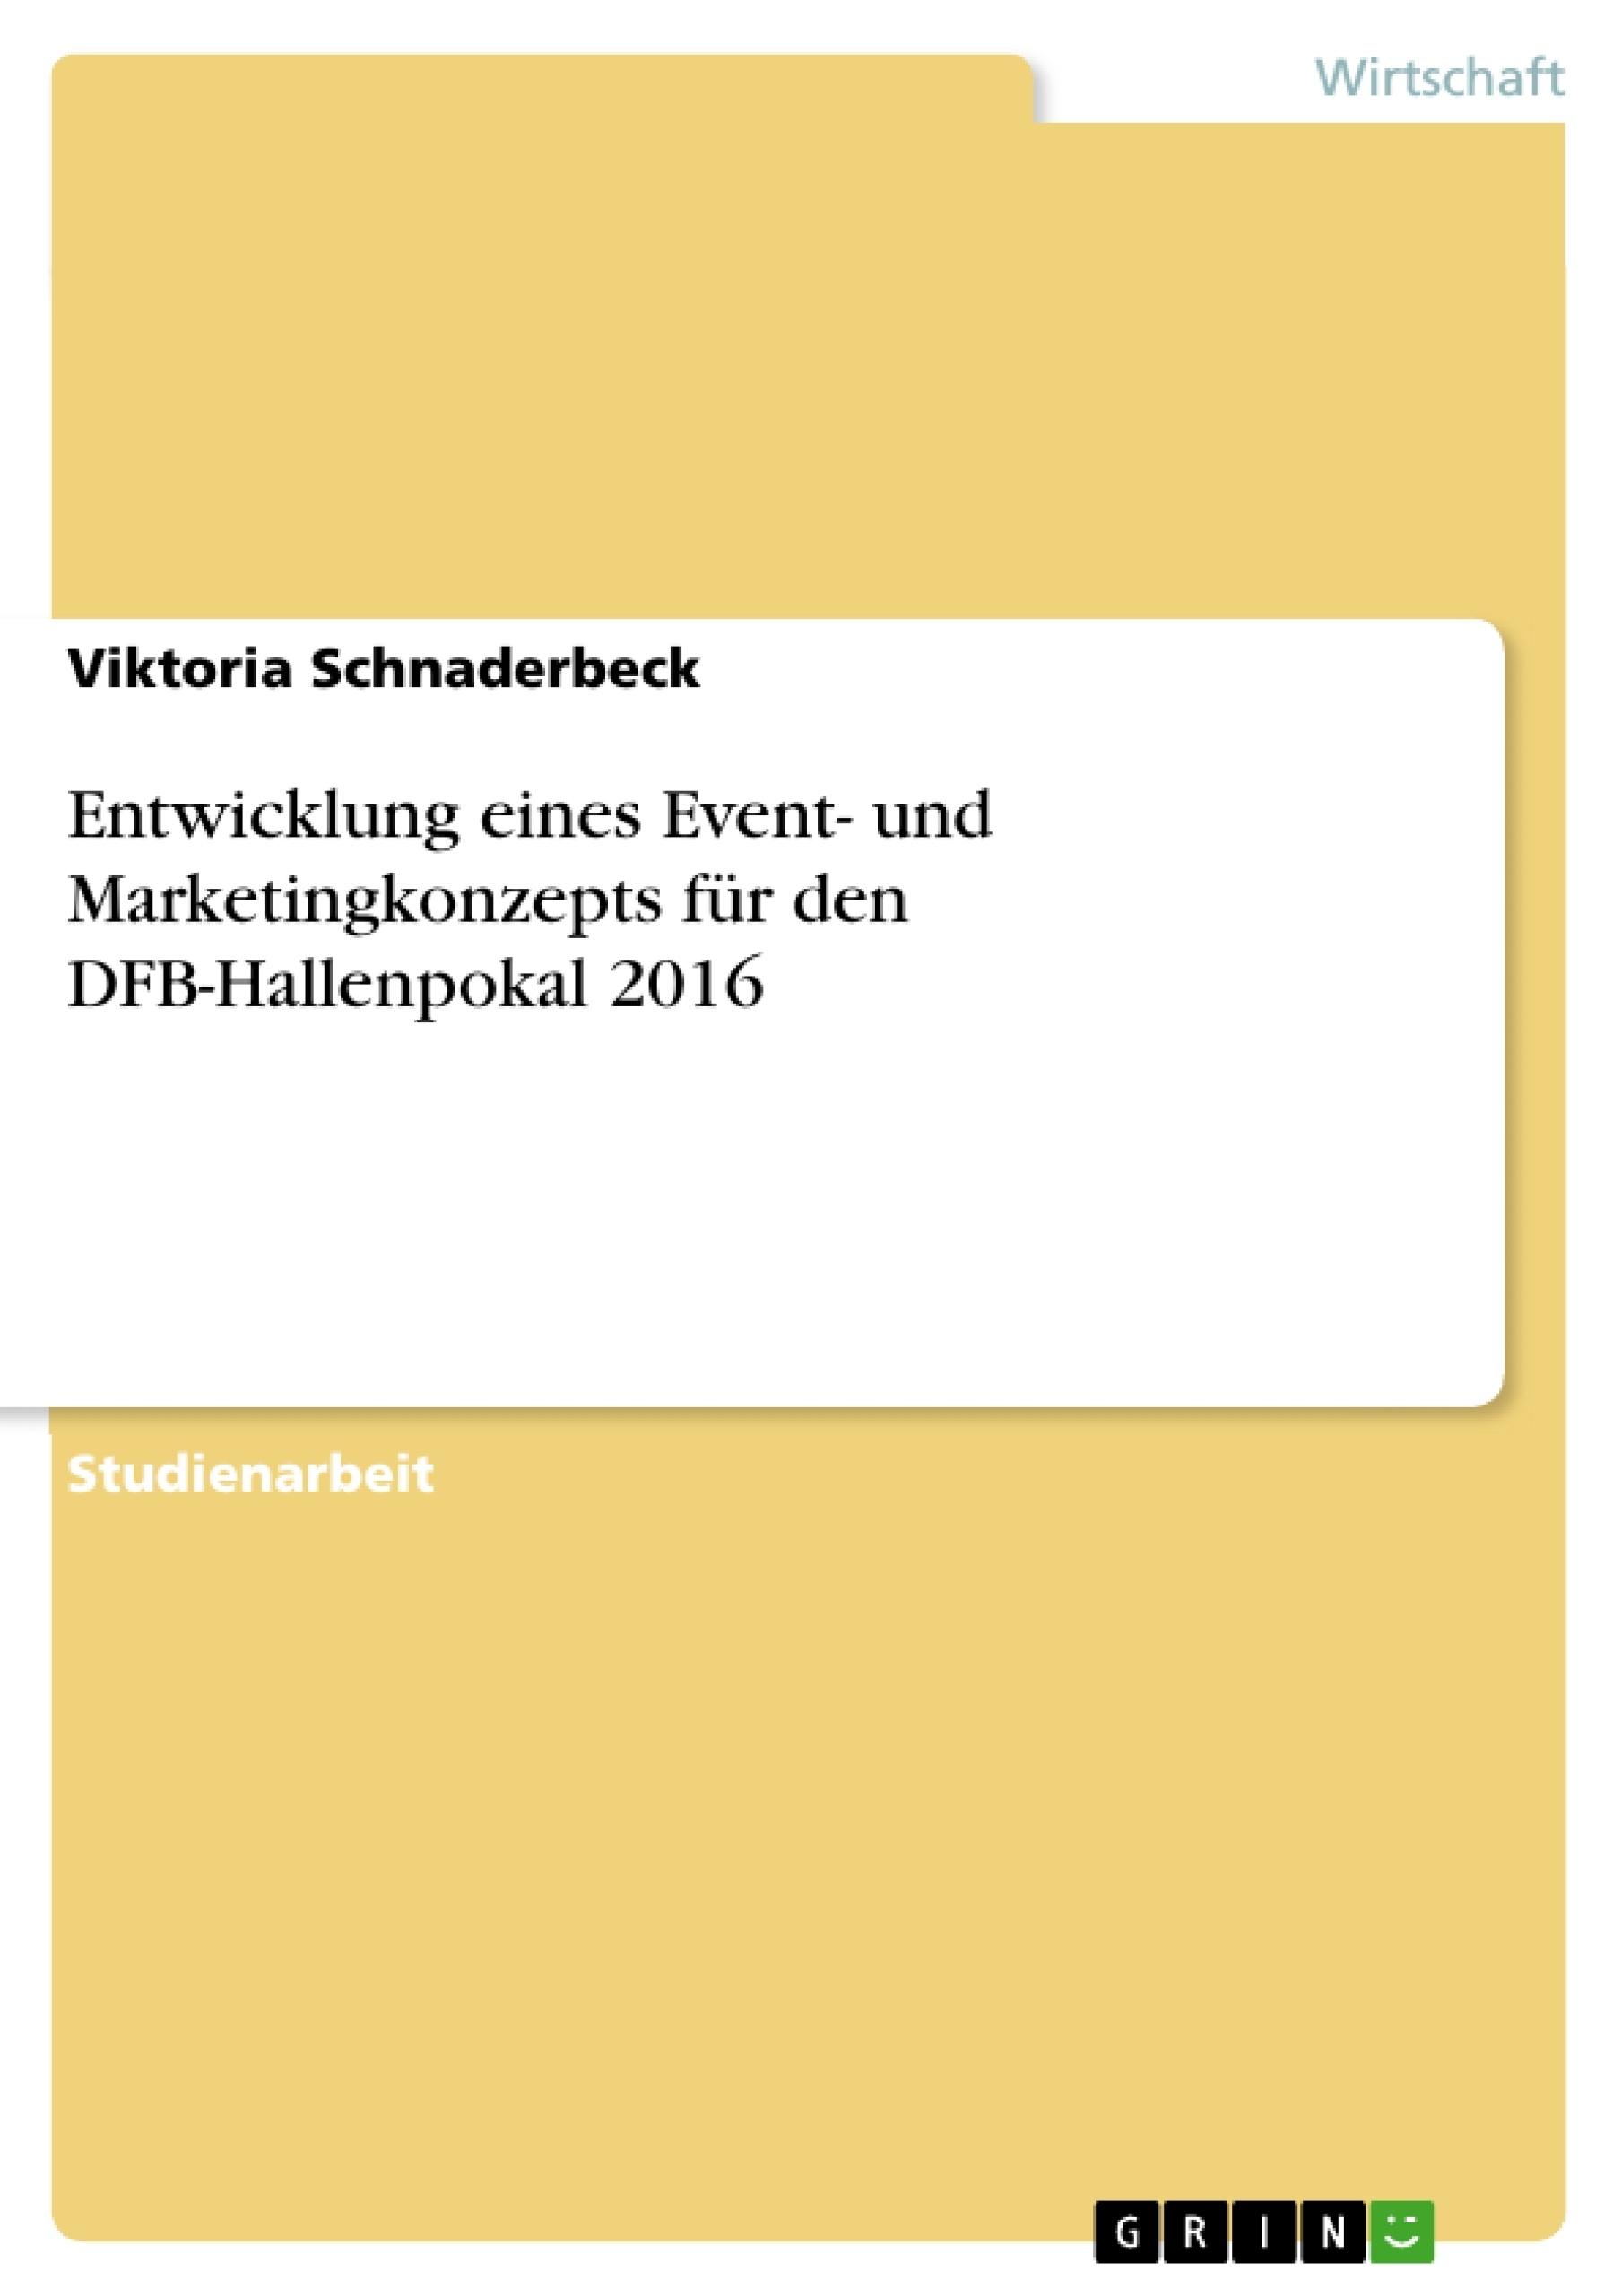 Titel: Entwicklung eines Event- und Marketingkonzepts für den DFB-Hallenpokal 2016